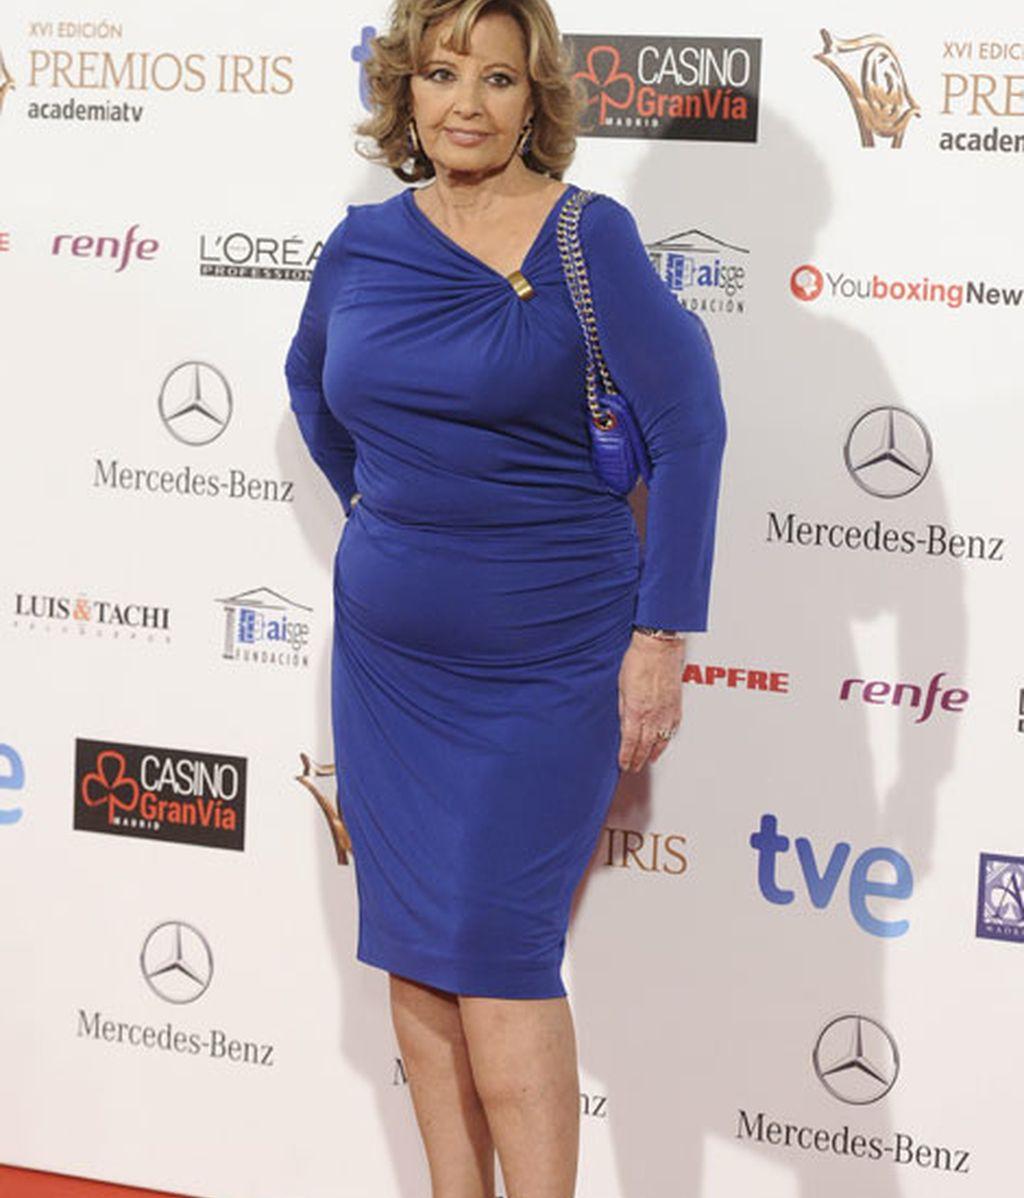 María Teresa Campos acudió a los Premios Iris de la Academia